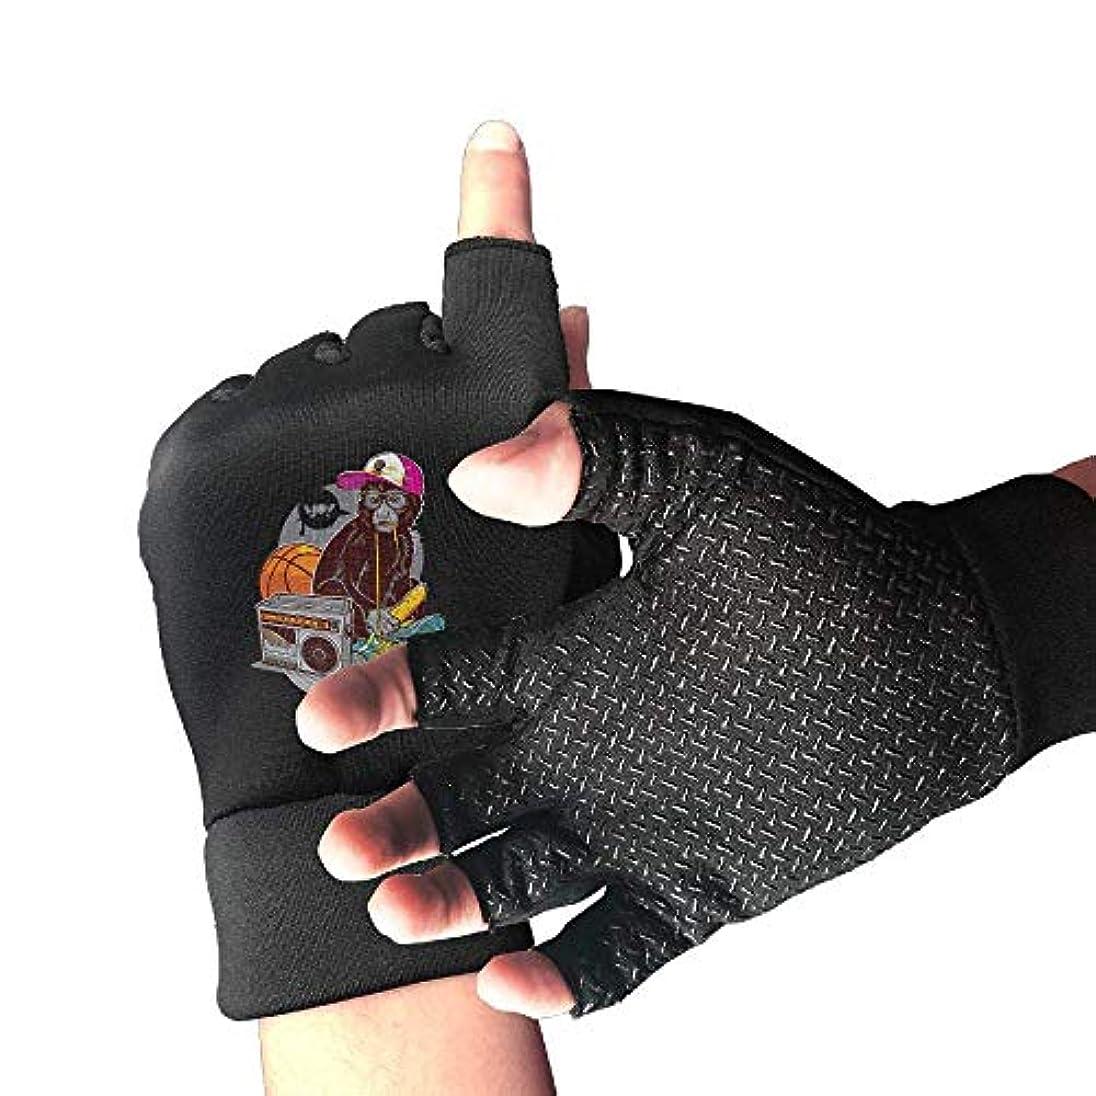 流トーナメントティーンエイジャーCycling Gloves Pop Monkey Men's/Women's Mountain Bike Gloves Half Finger Anti-Slip Motorcycle Gloves